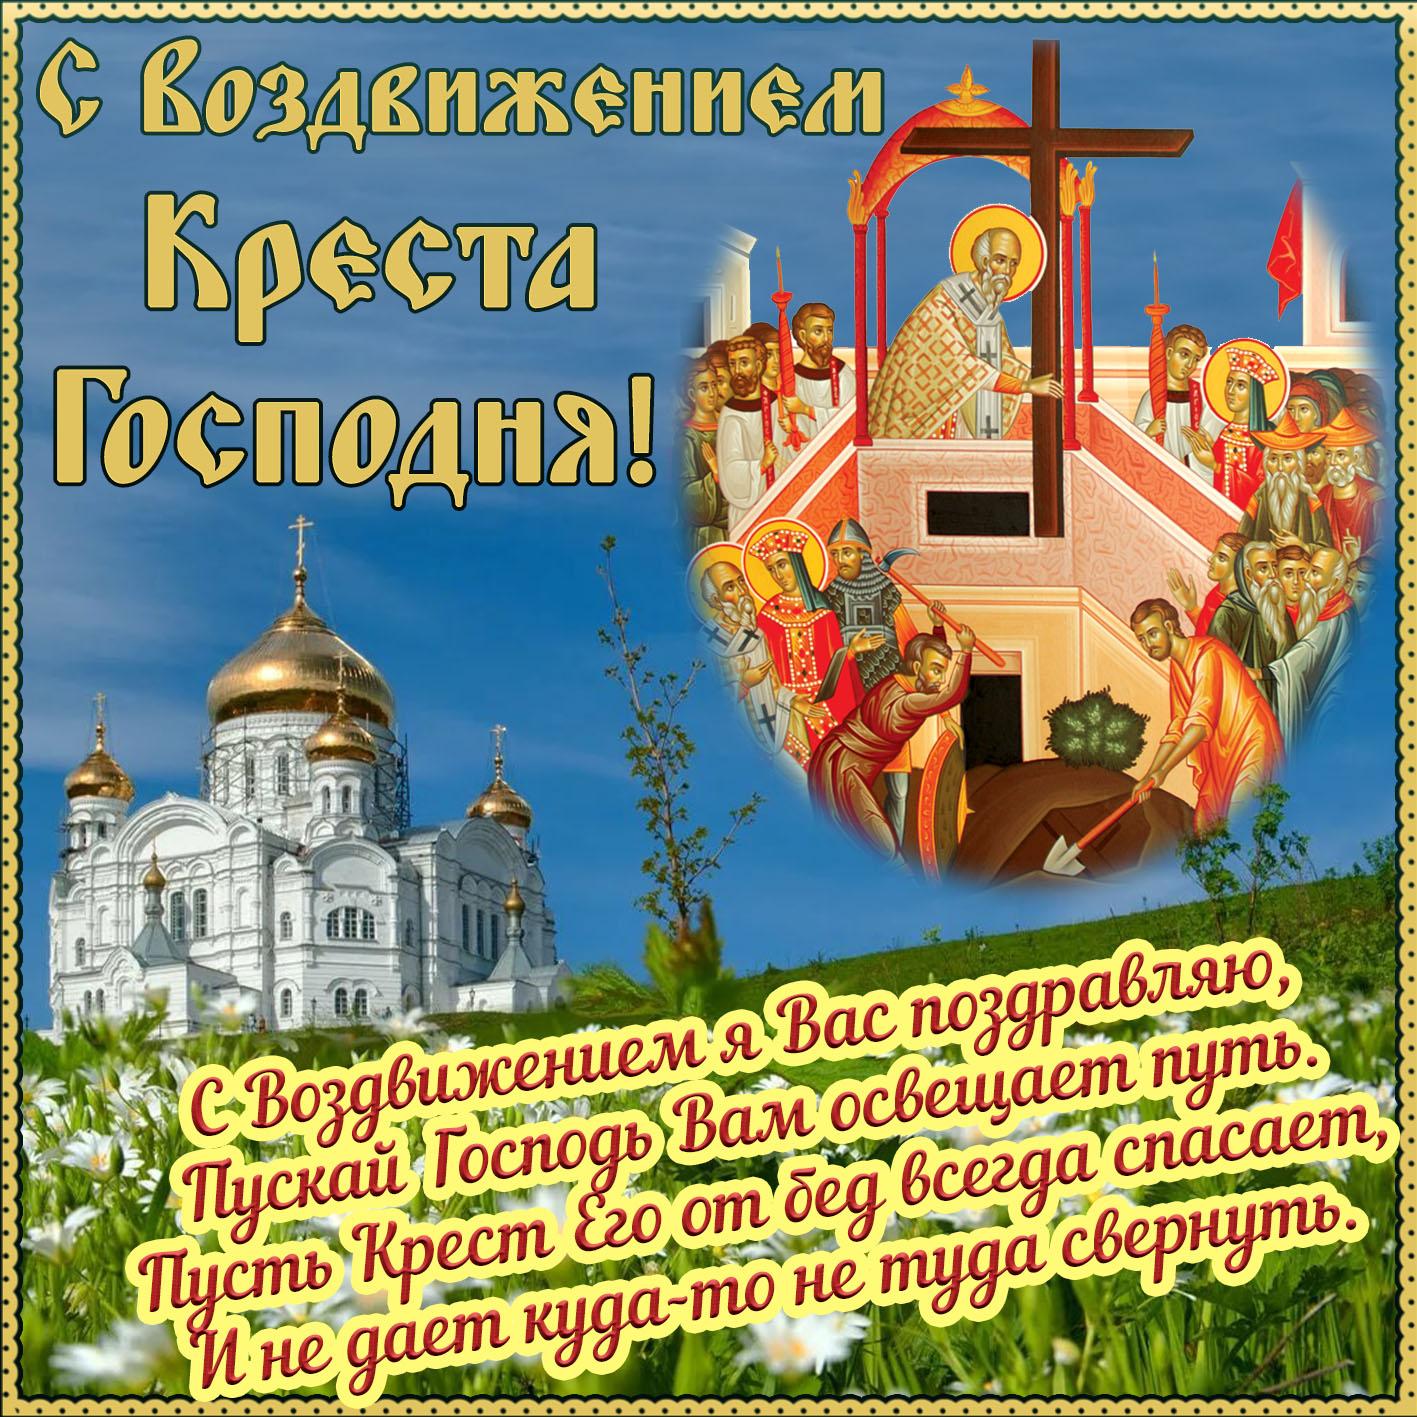 Воздвижение креста господня поздравления в картинках, для девочки